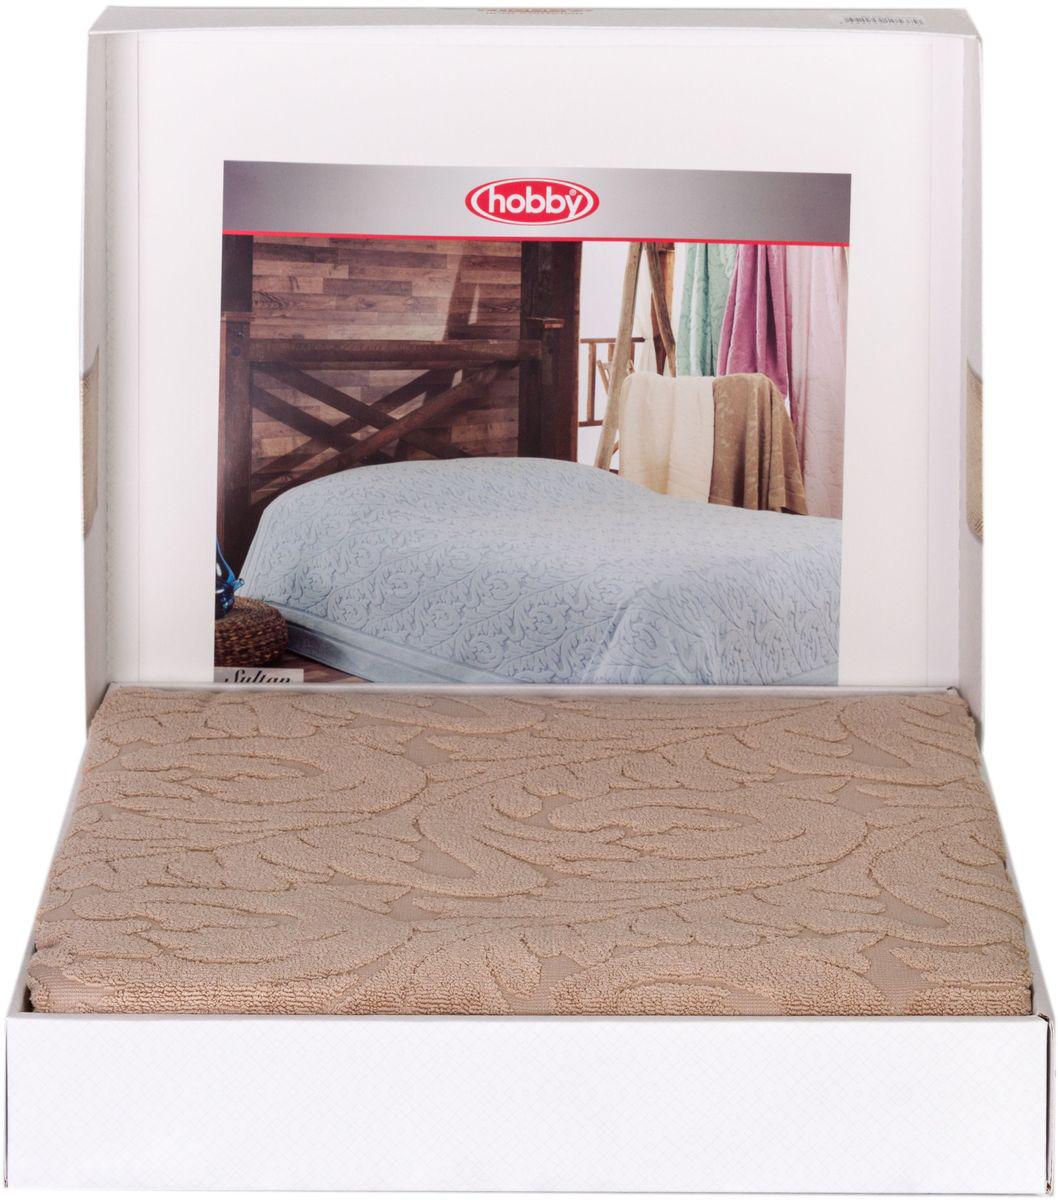 Покрывало Hobby Home Collection Sultan, цвет: бежевый, 200 х 220 см1501001006Шикарное покрывало Hobby Home Collection Sultan изготовлено из 100% хлопка высшей категории. Оно обладает замечательными дышащими свойствами и будет хорошо смотреться как на диване, так и на большой кровати. Данное покрывало можно также использовать в качестве одеяла.